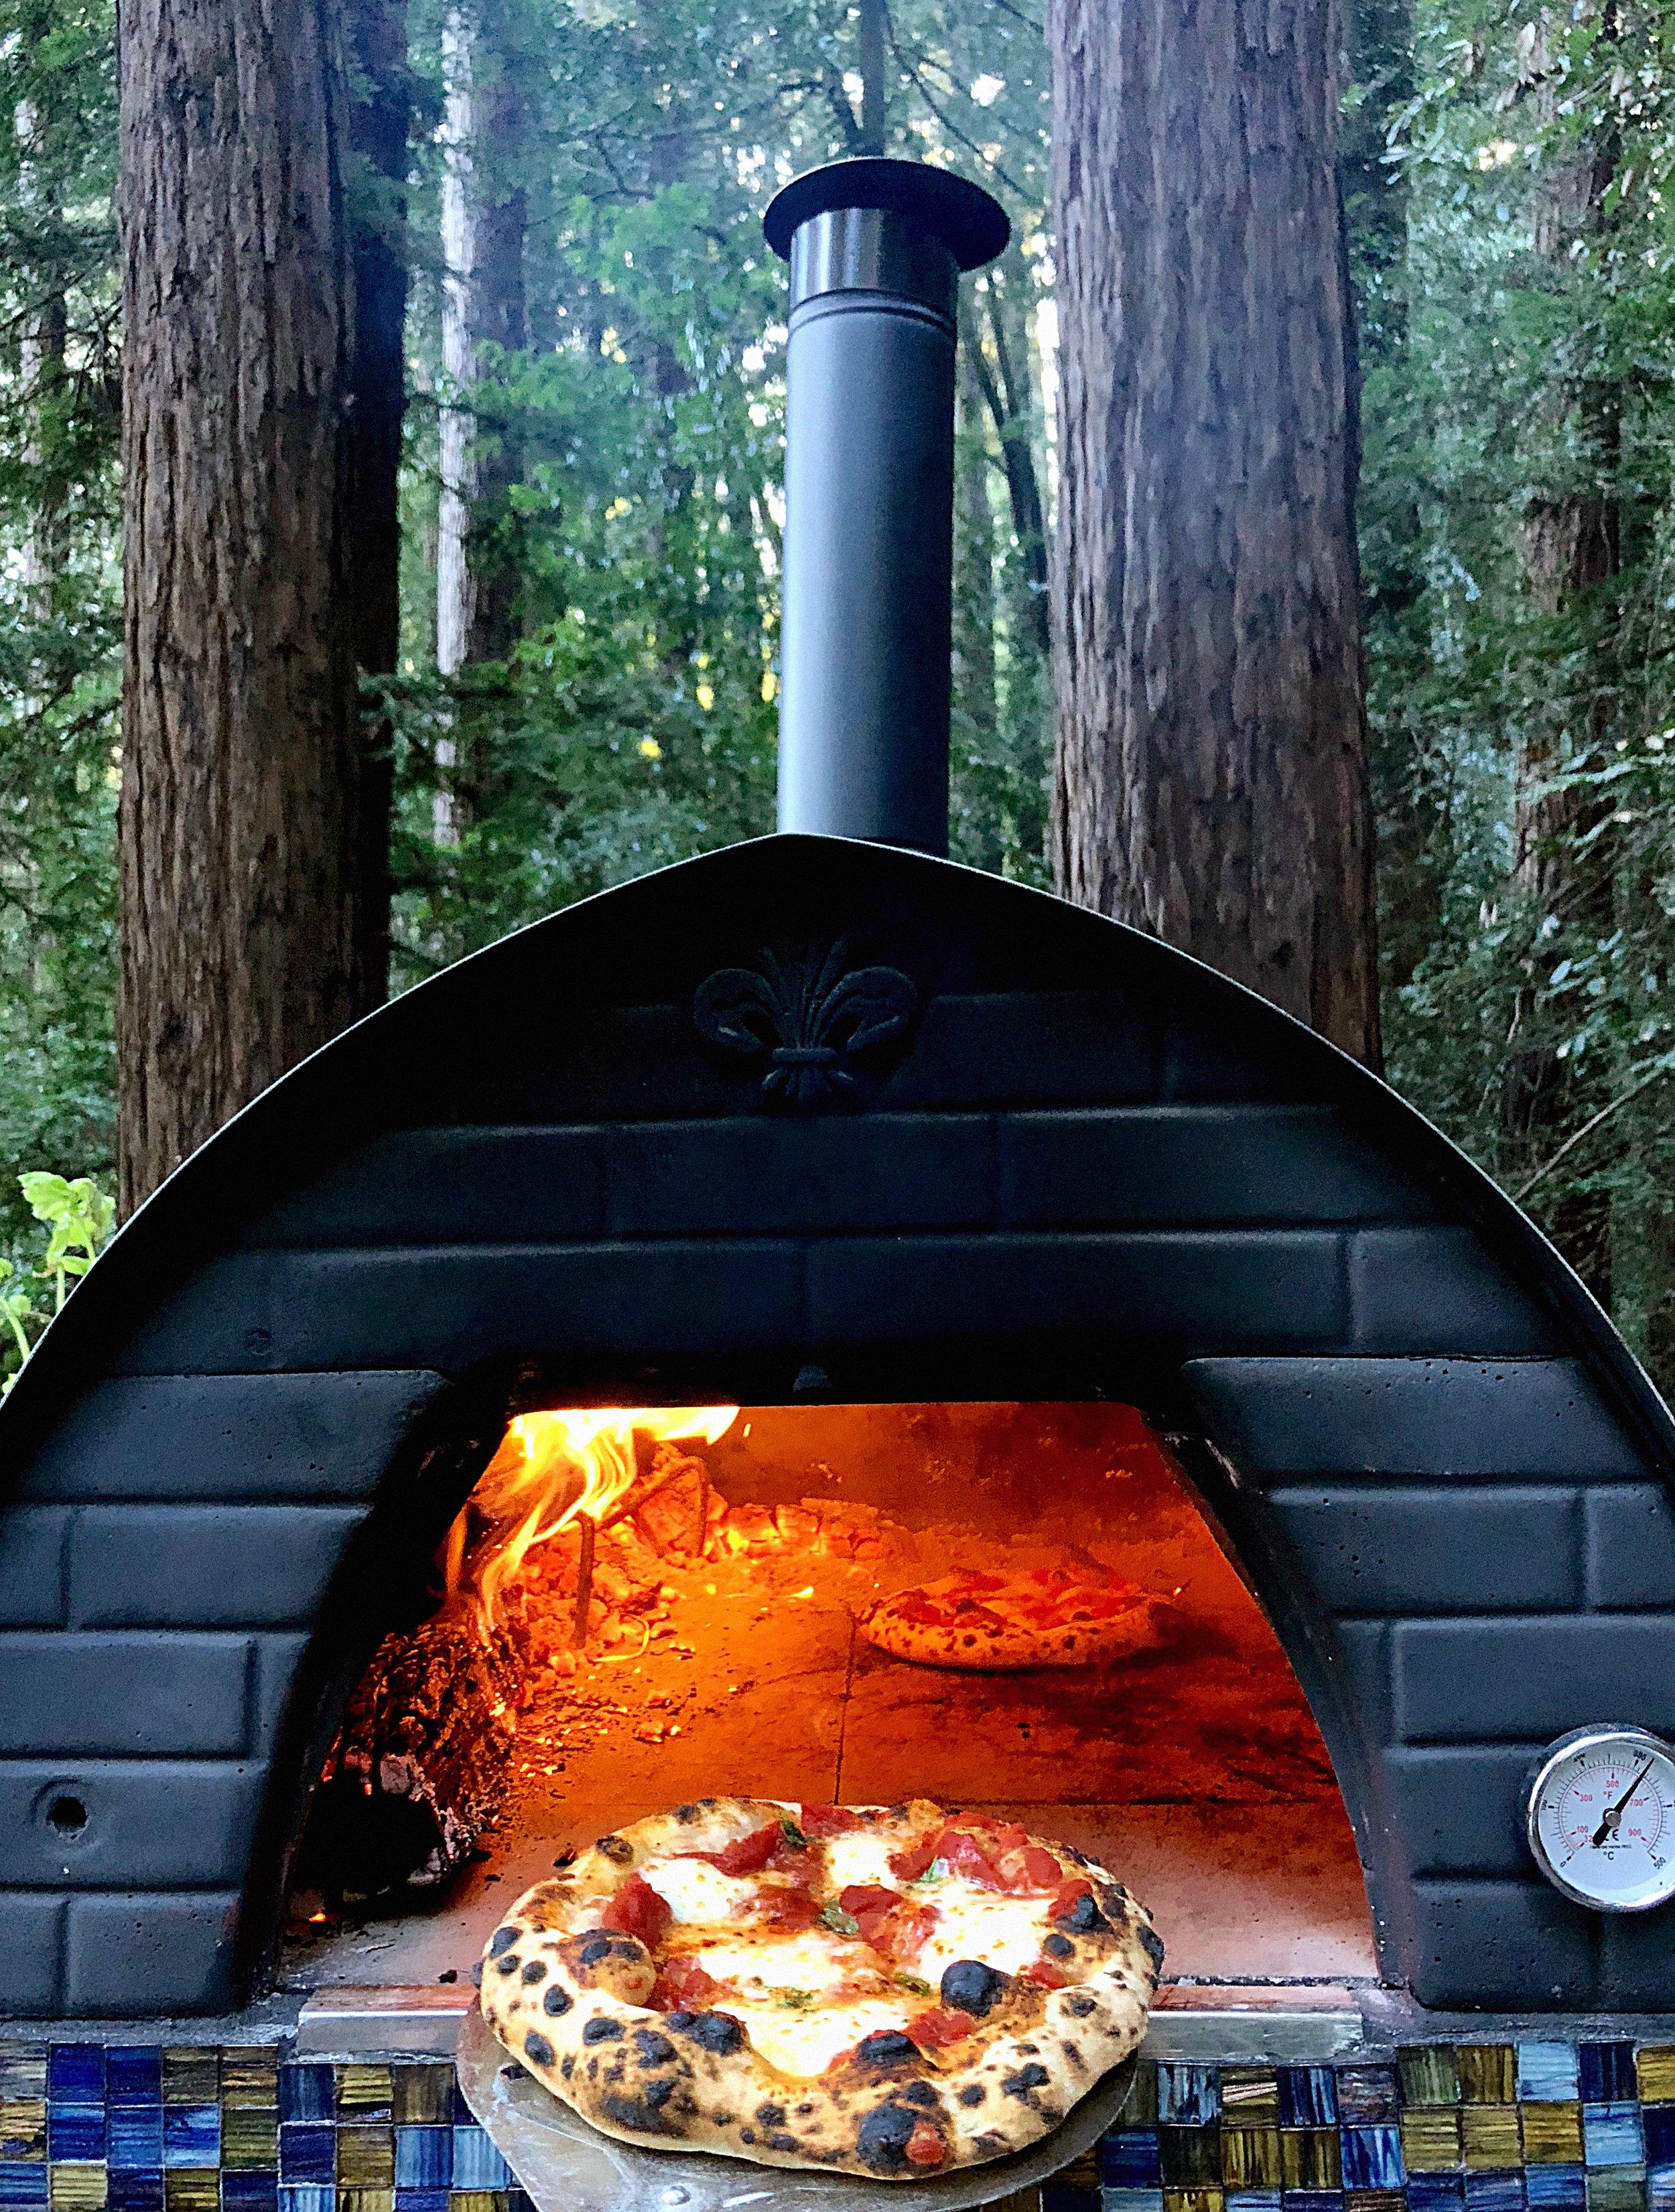 pizza-oven-redwoods-IMG_7633.jpg